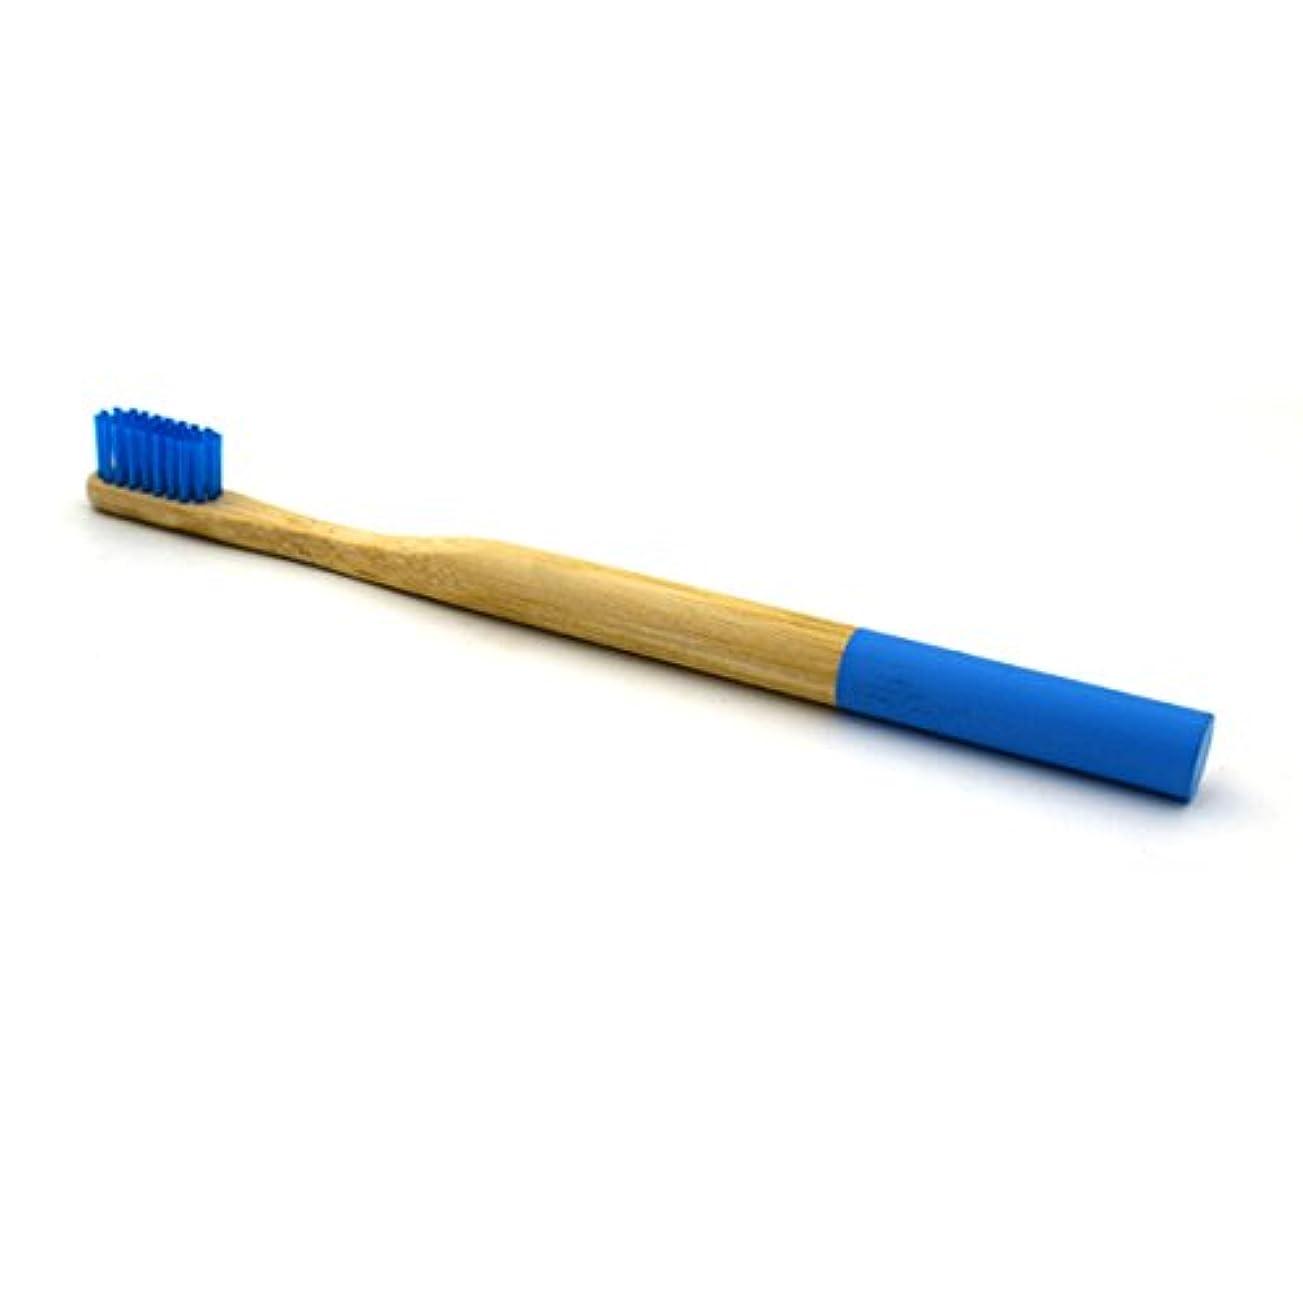 応じる敵対的大事にするHEALLILY 円形のハンドルのEcoの友好的で柔らかい剛毛の歯ブラシが付いている2 PCS自然なタケ歯ブラシ